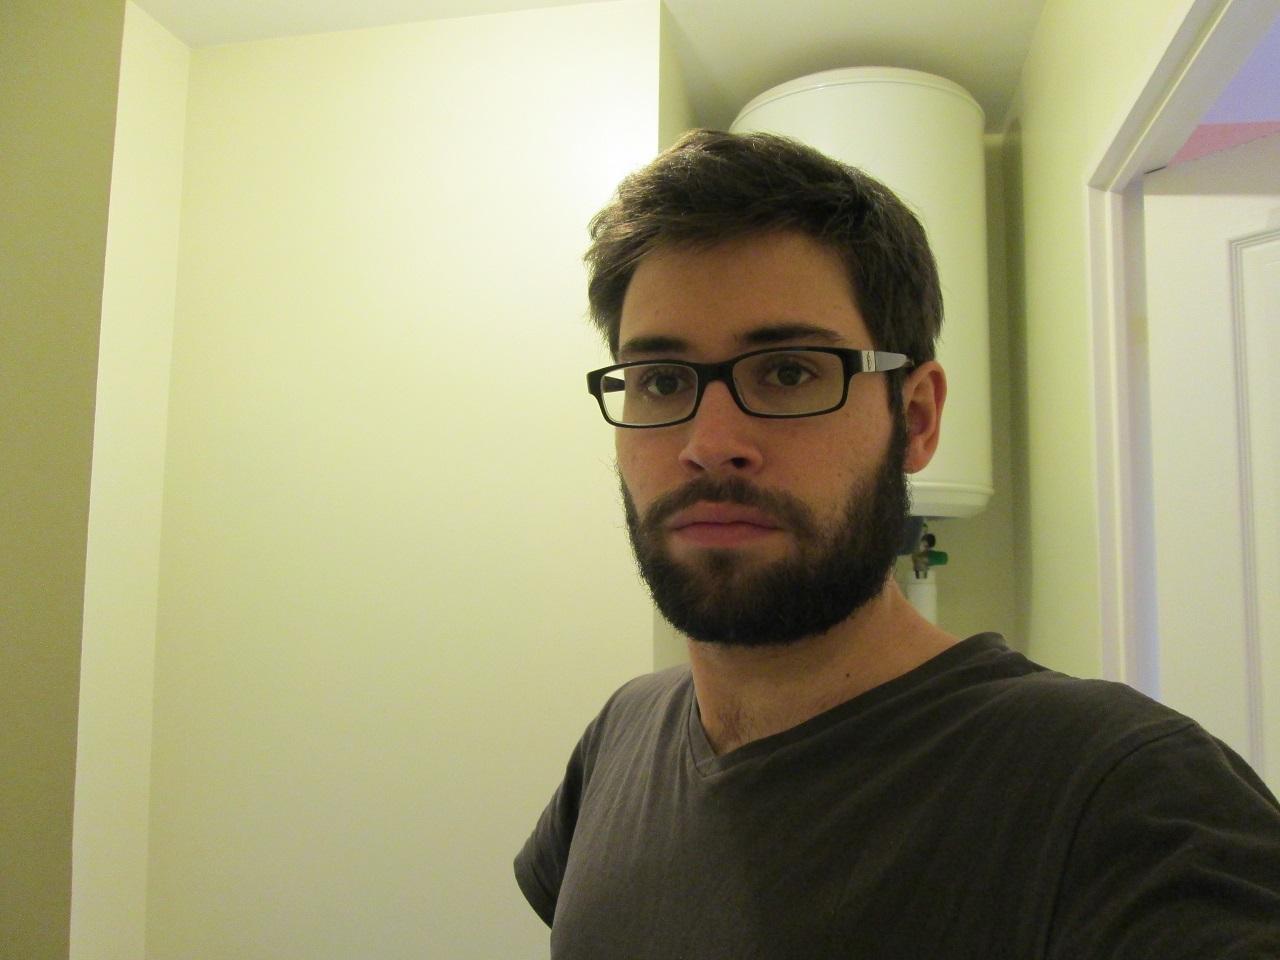 photo la barbe me va bien ou pas sur le forum blabla 18 25 ans 13 12 2015 13 22 30. Black Bedroom Furniture Sets. Home Design Ideas